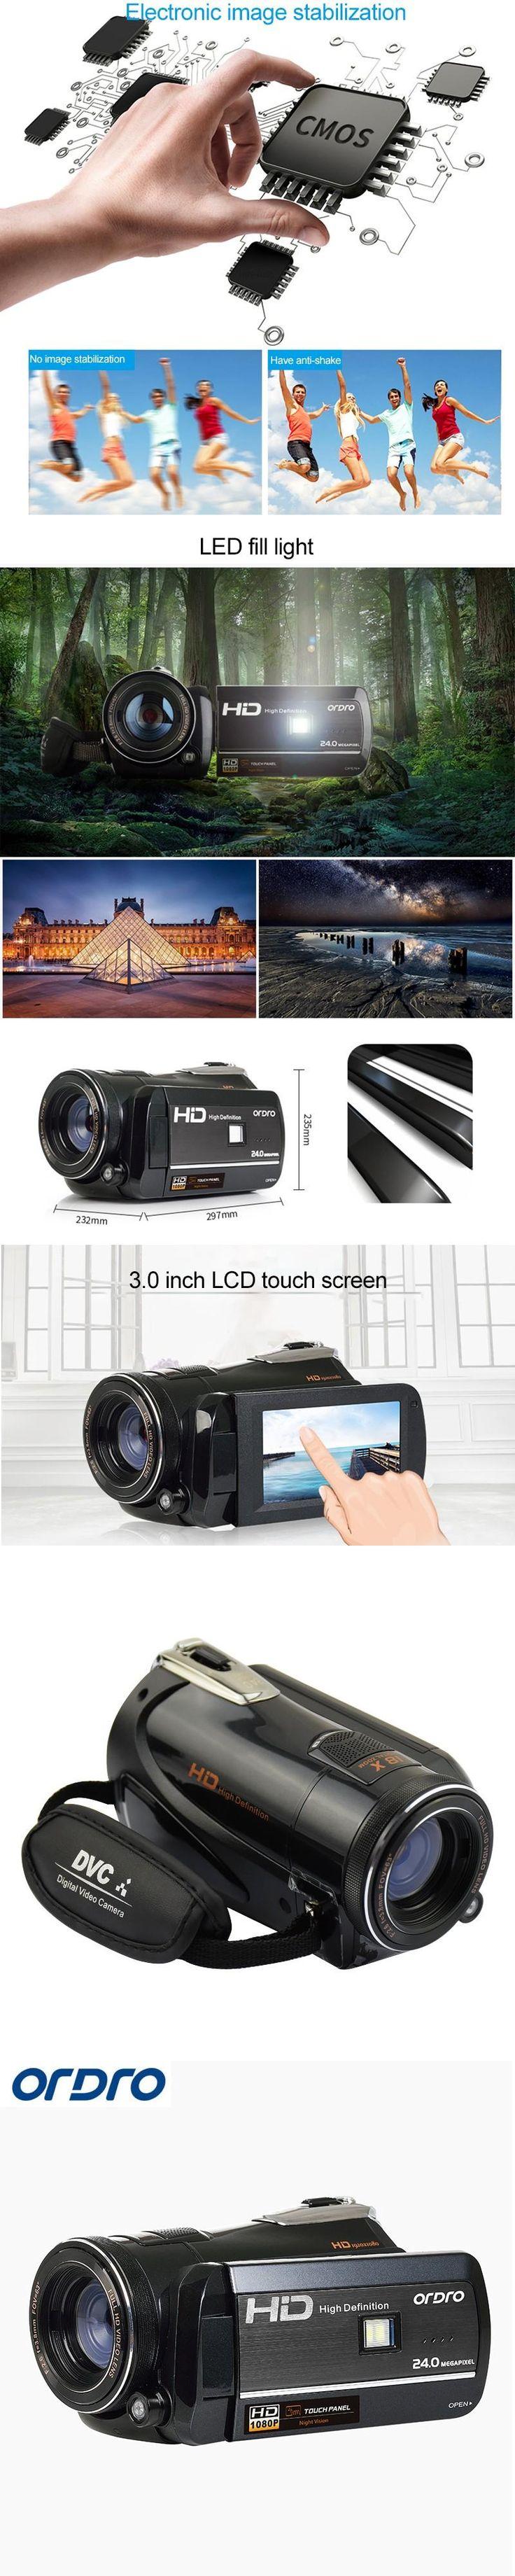 1146 besten Camera & Photo Bilder auf Pinterest   Kameras, Camcorder ...